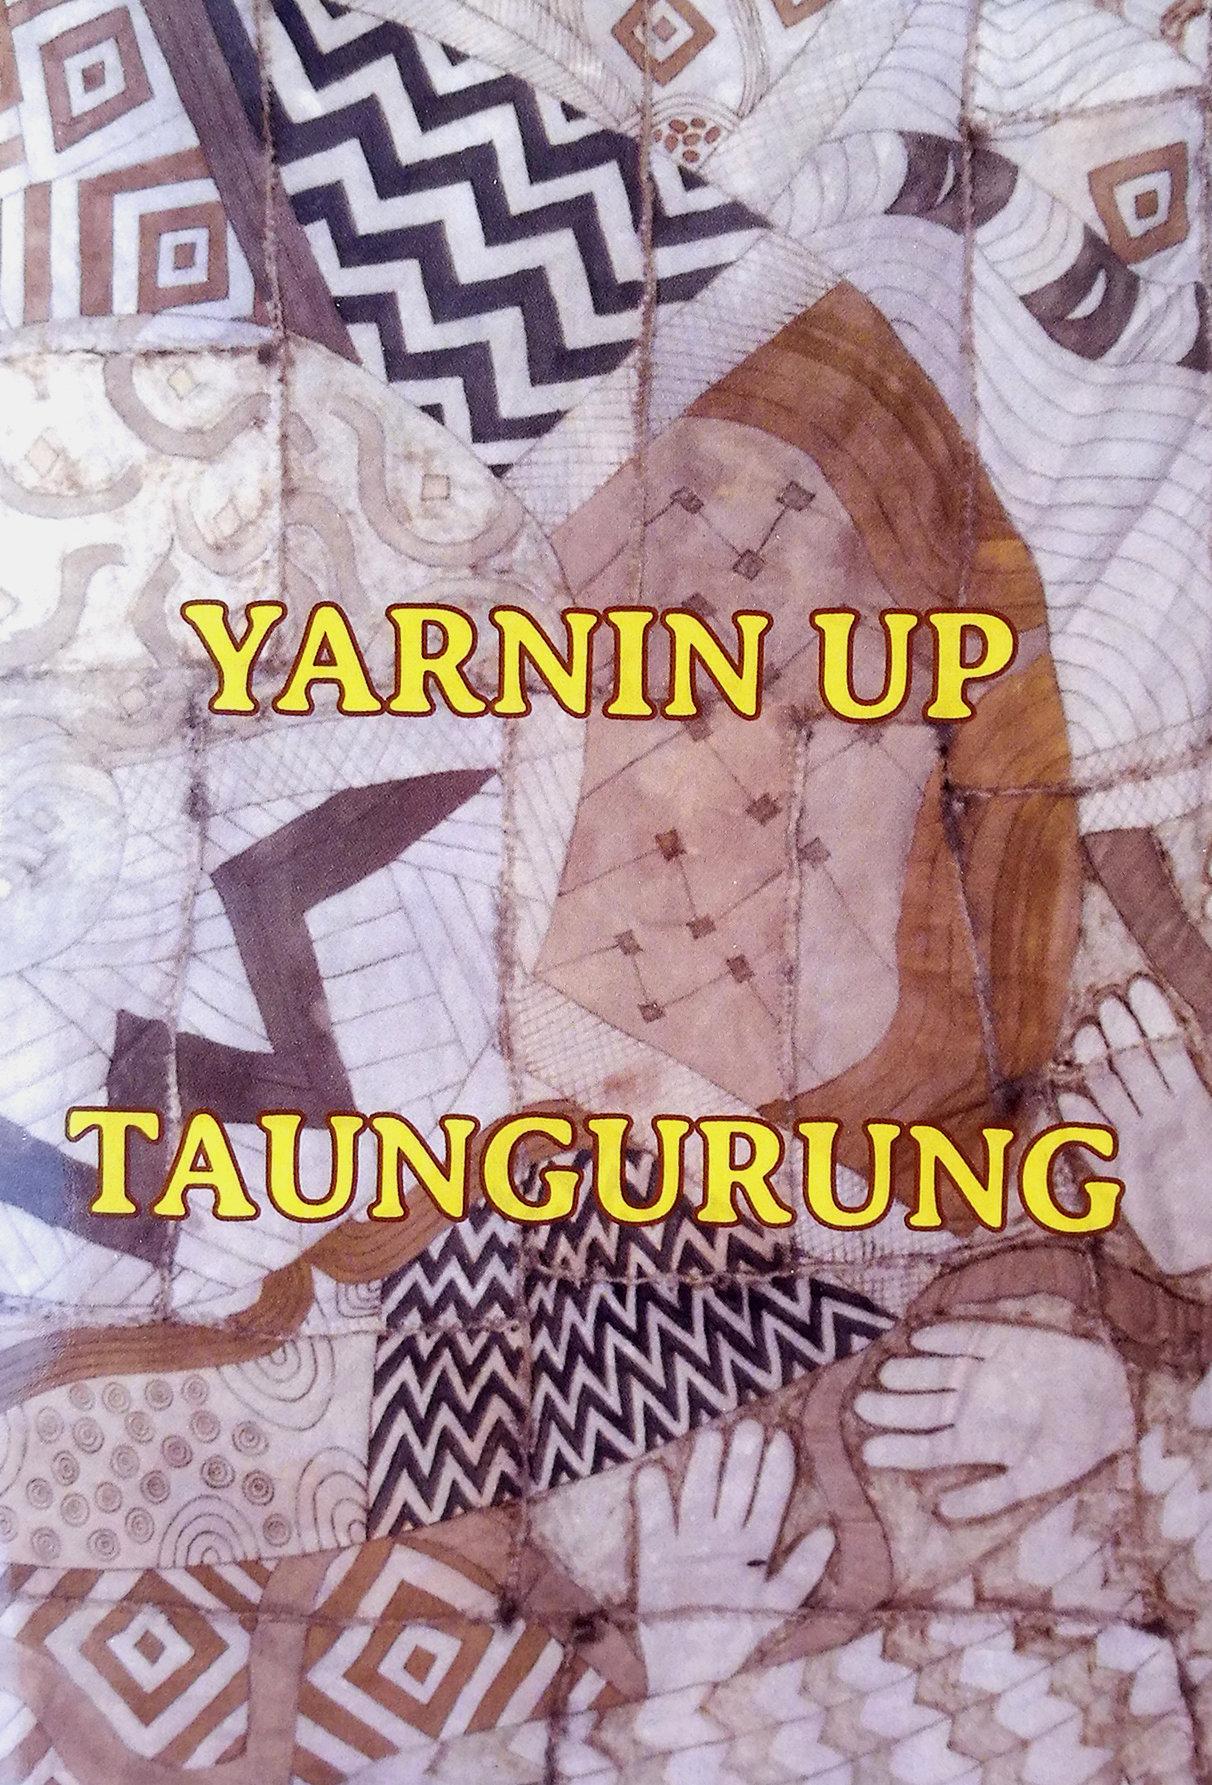 Yarnin Up Taungurung 00002